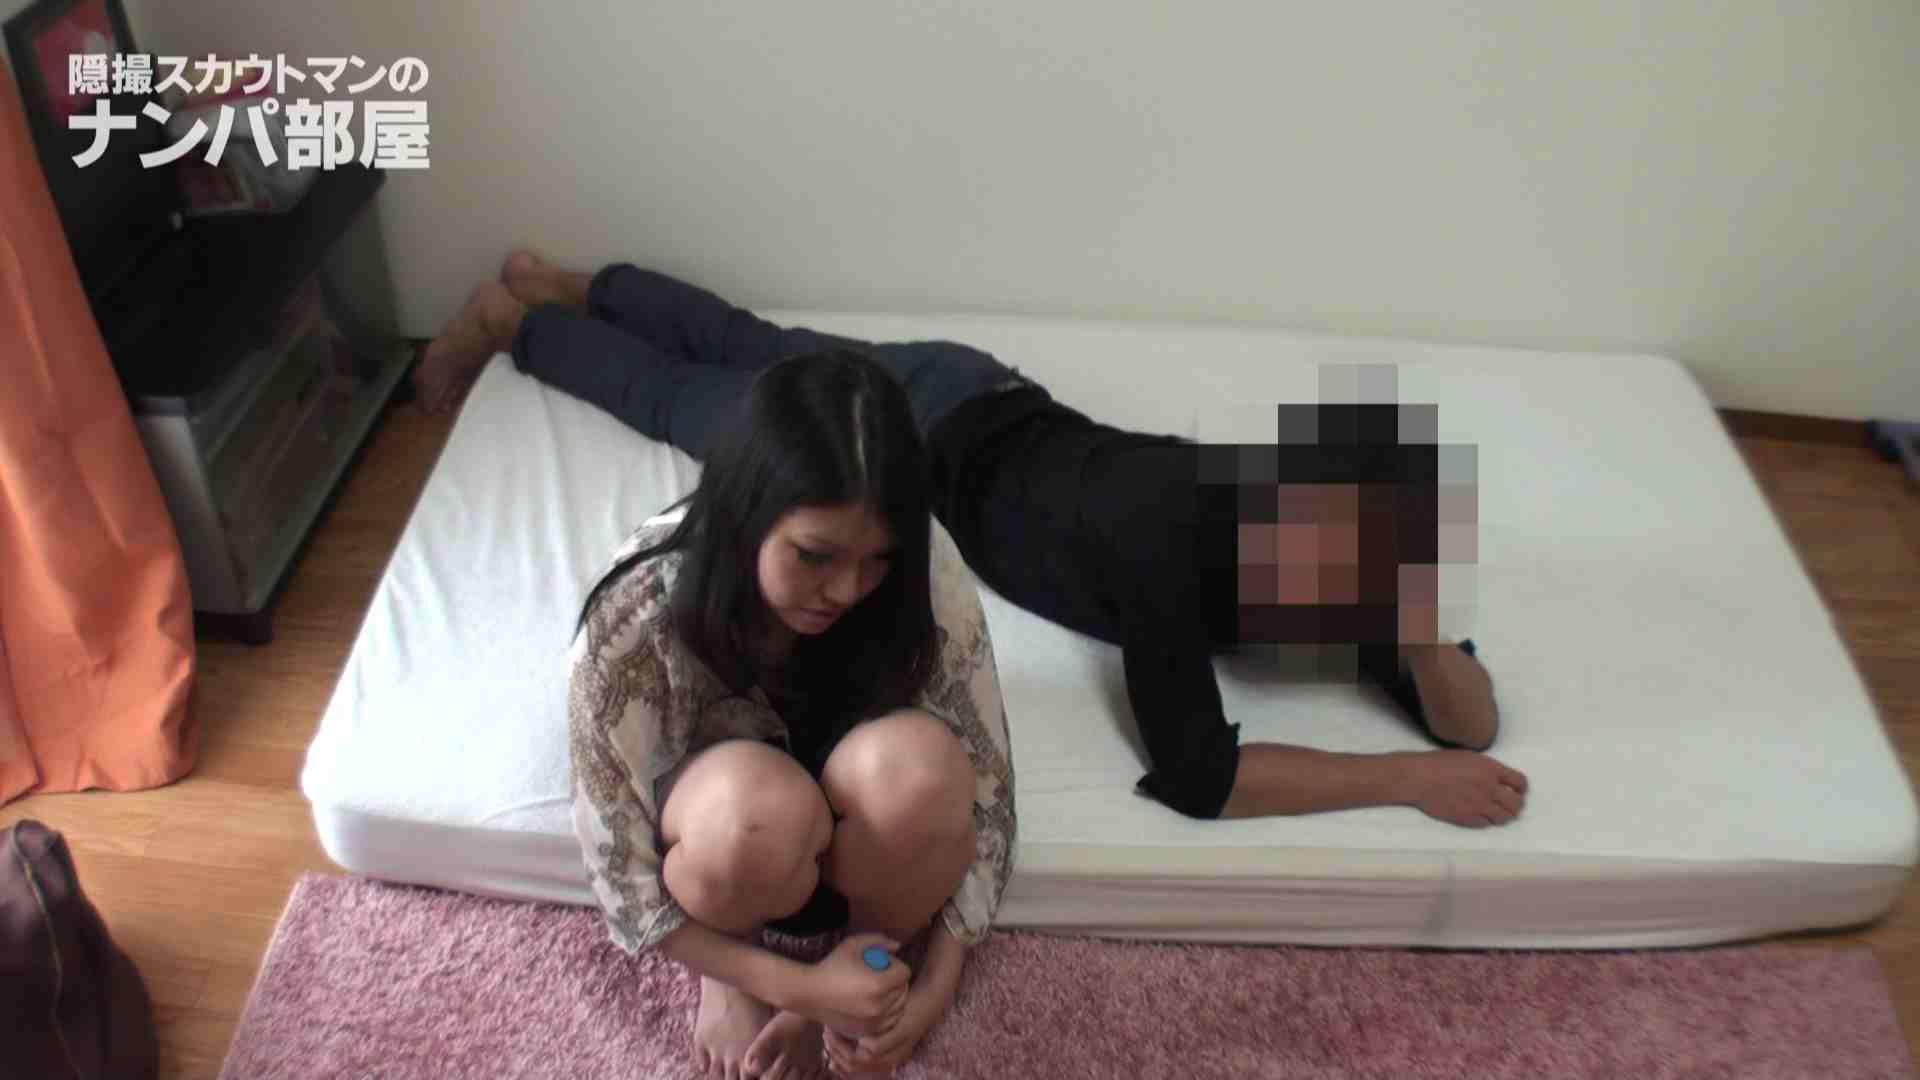 隠撮スカウトマンのナンパ部屋~風俗デビュー前のつまみ食い~hana 脱衣所  89pic 33